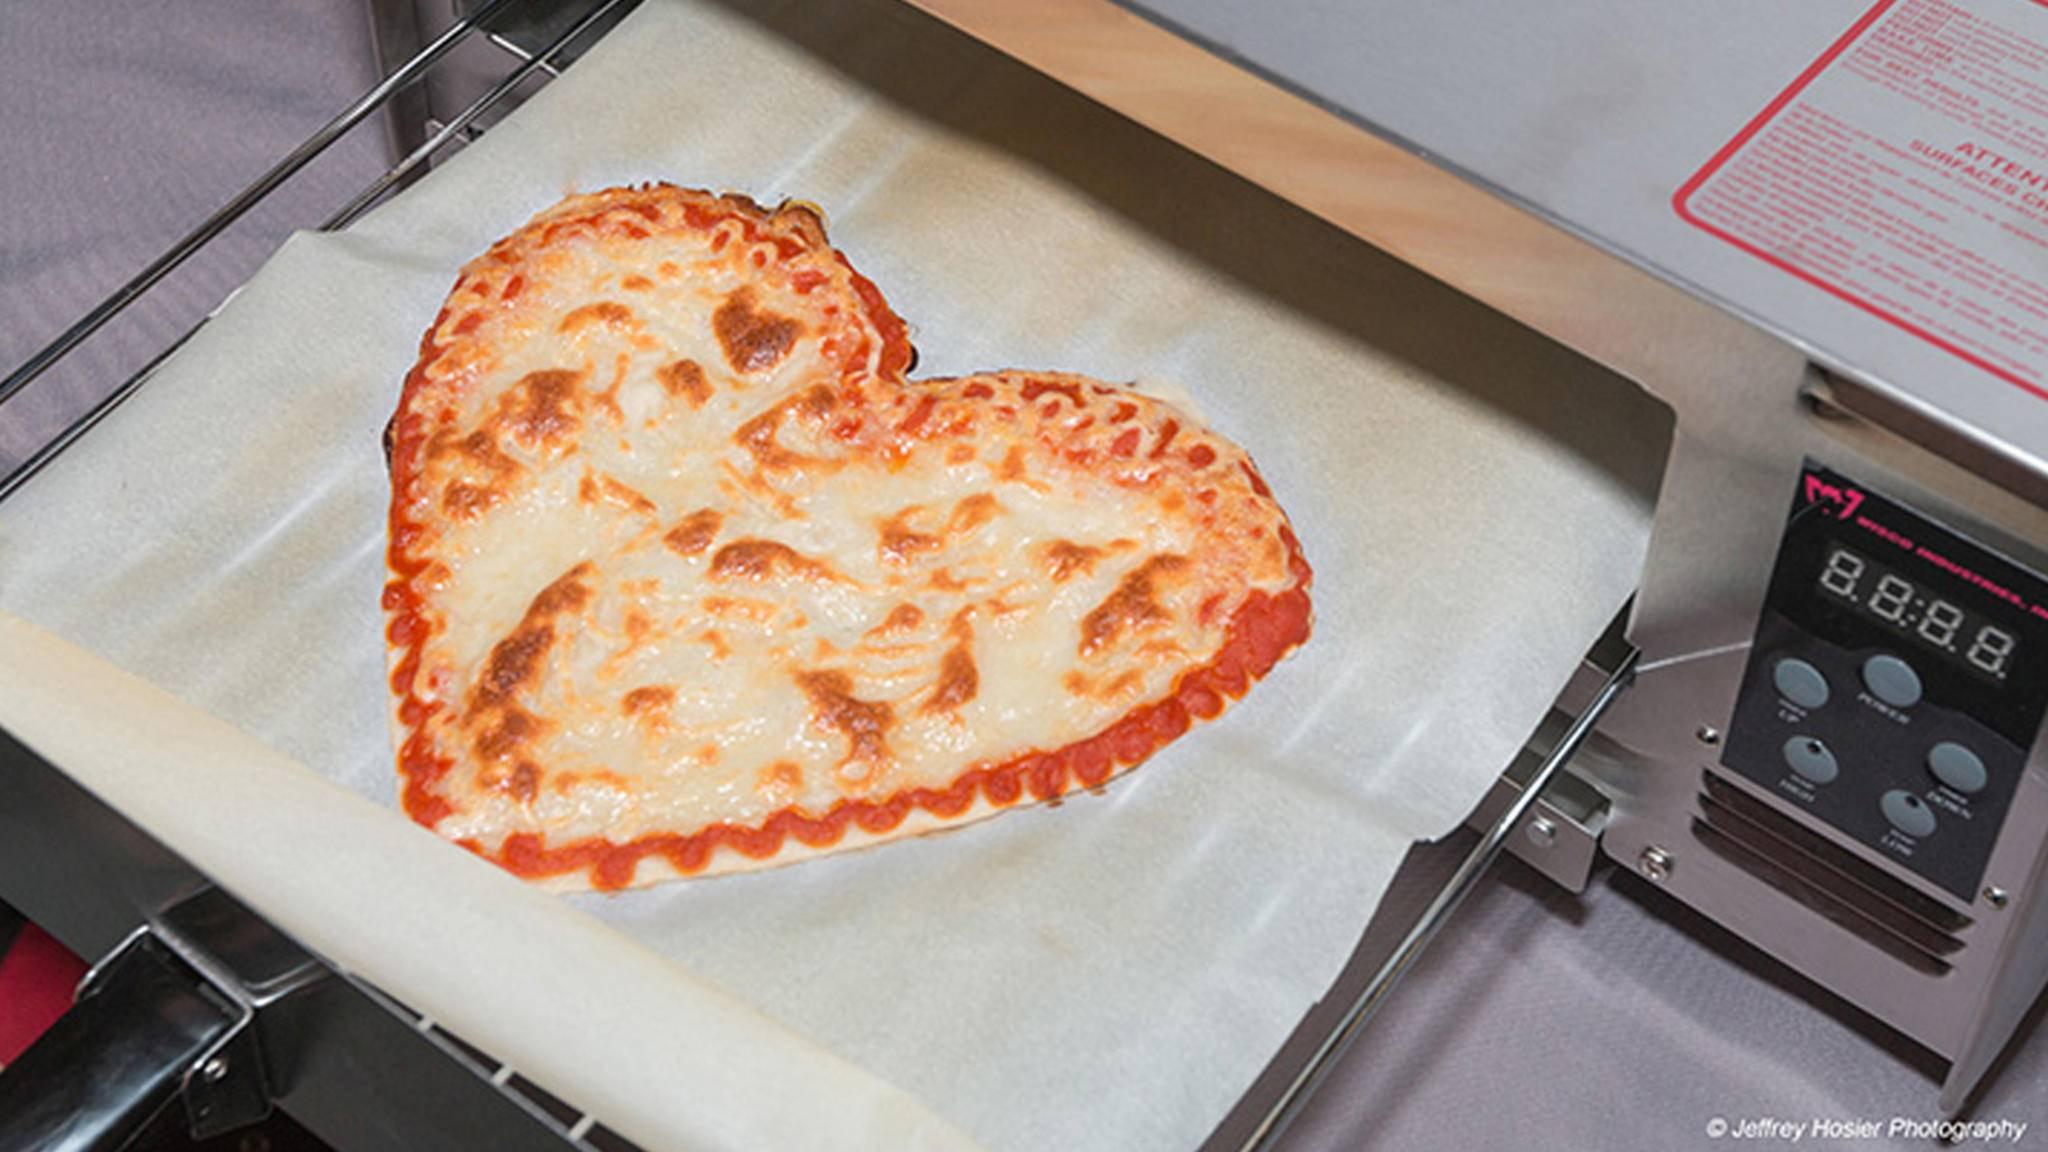 Individualisierte Pizza in allen Formen will BeeHex mit seinem 3D-Drucker produzieren.